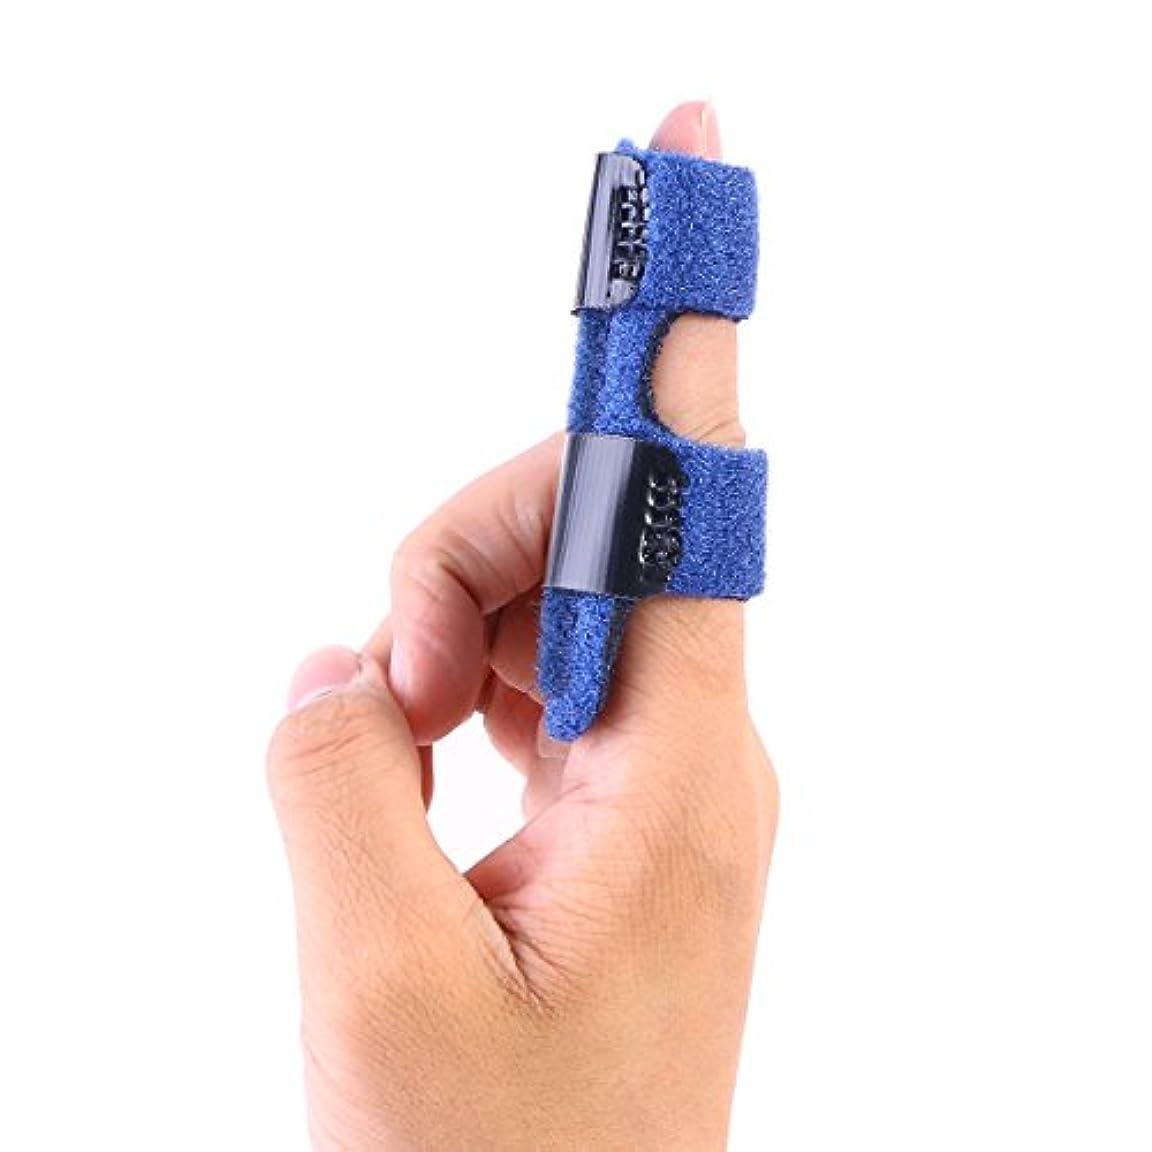 ライフル愚か反映するARTLILY 指矯正副木指固定固定指骨折疼痛緩和